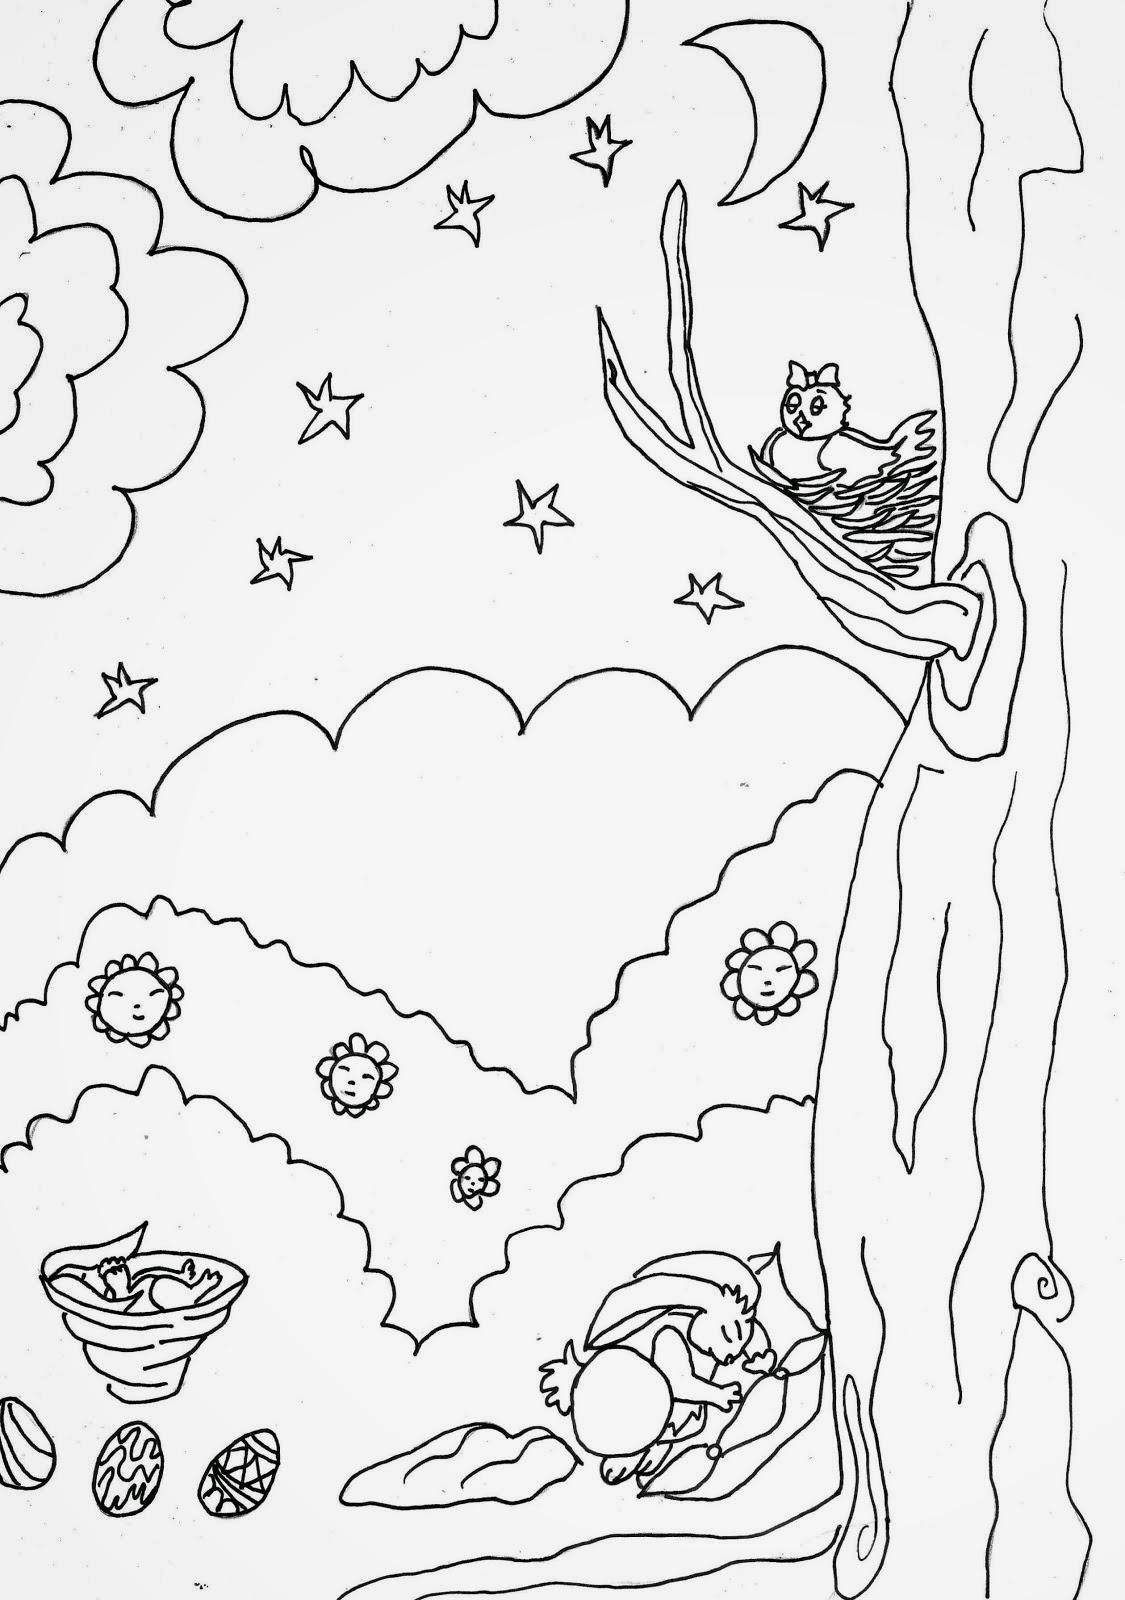 Dibujos del dia de la primavera para colorear | Desmotivaciones tristes